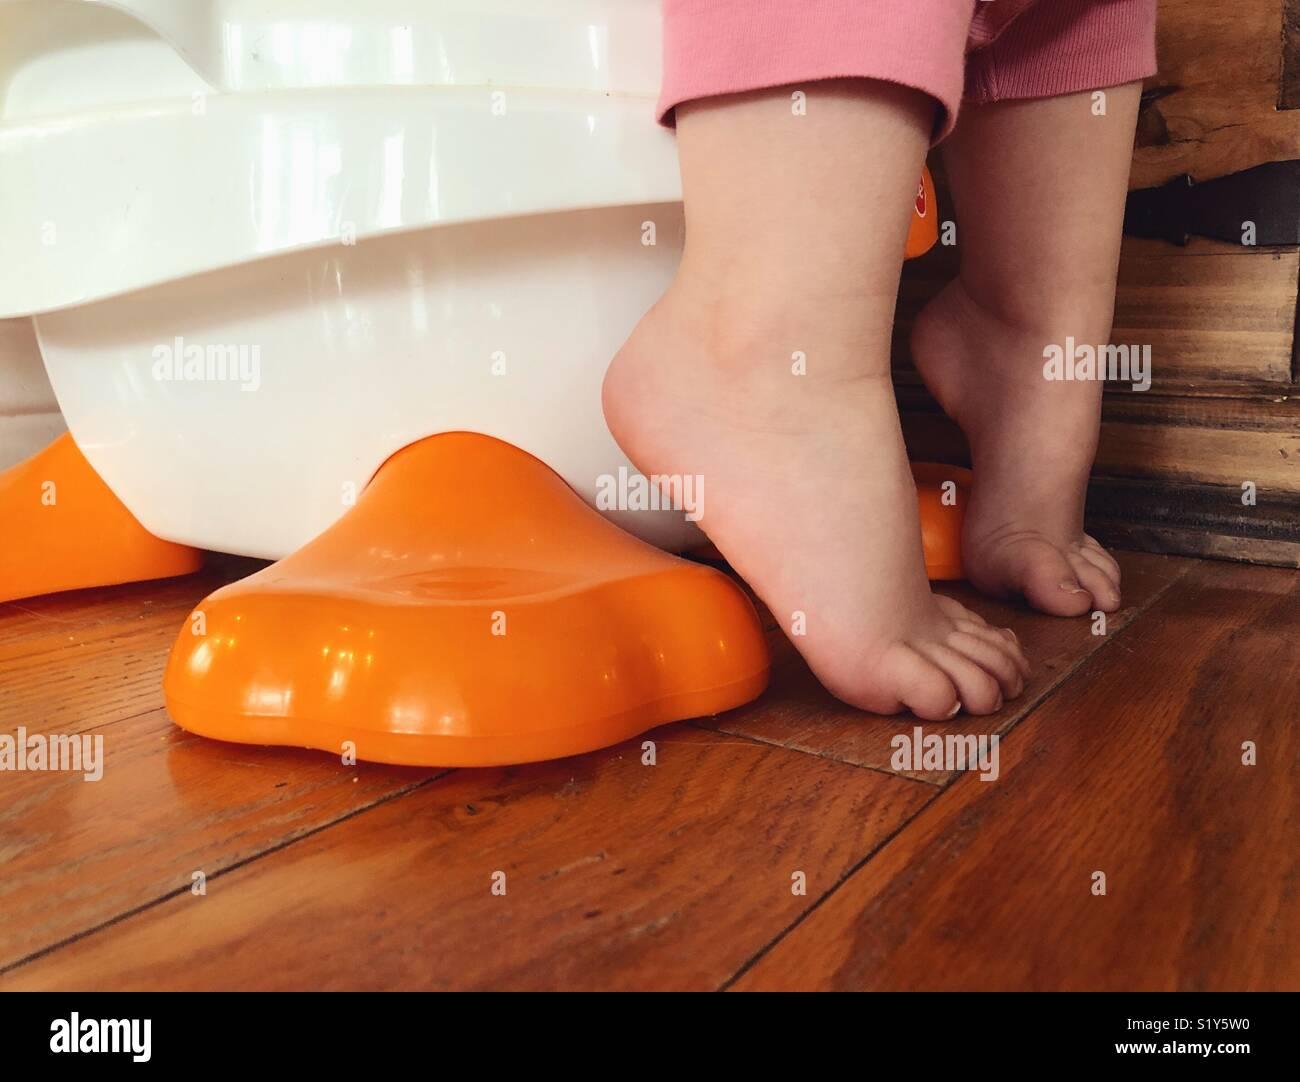 Primo piano immagine di bambino piedi mentre è seduto sul vasino Immagini Stock